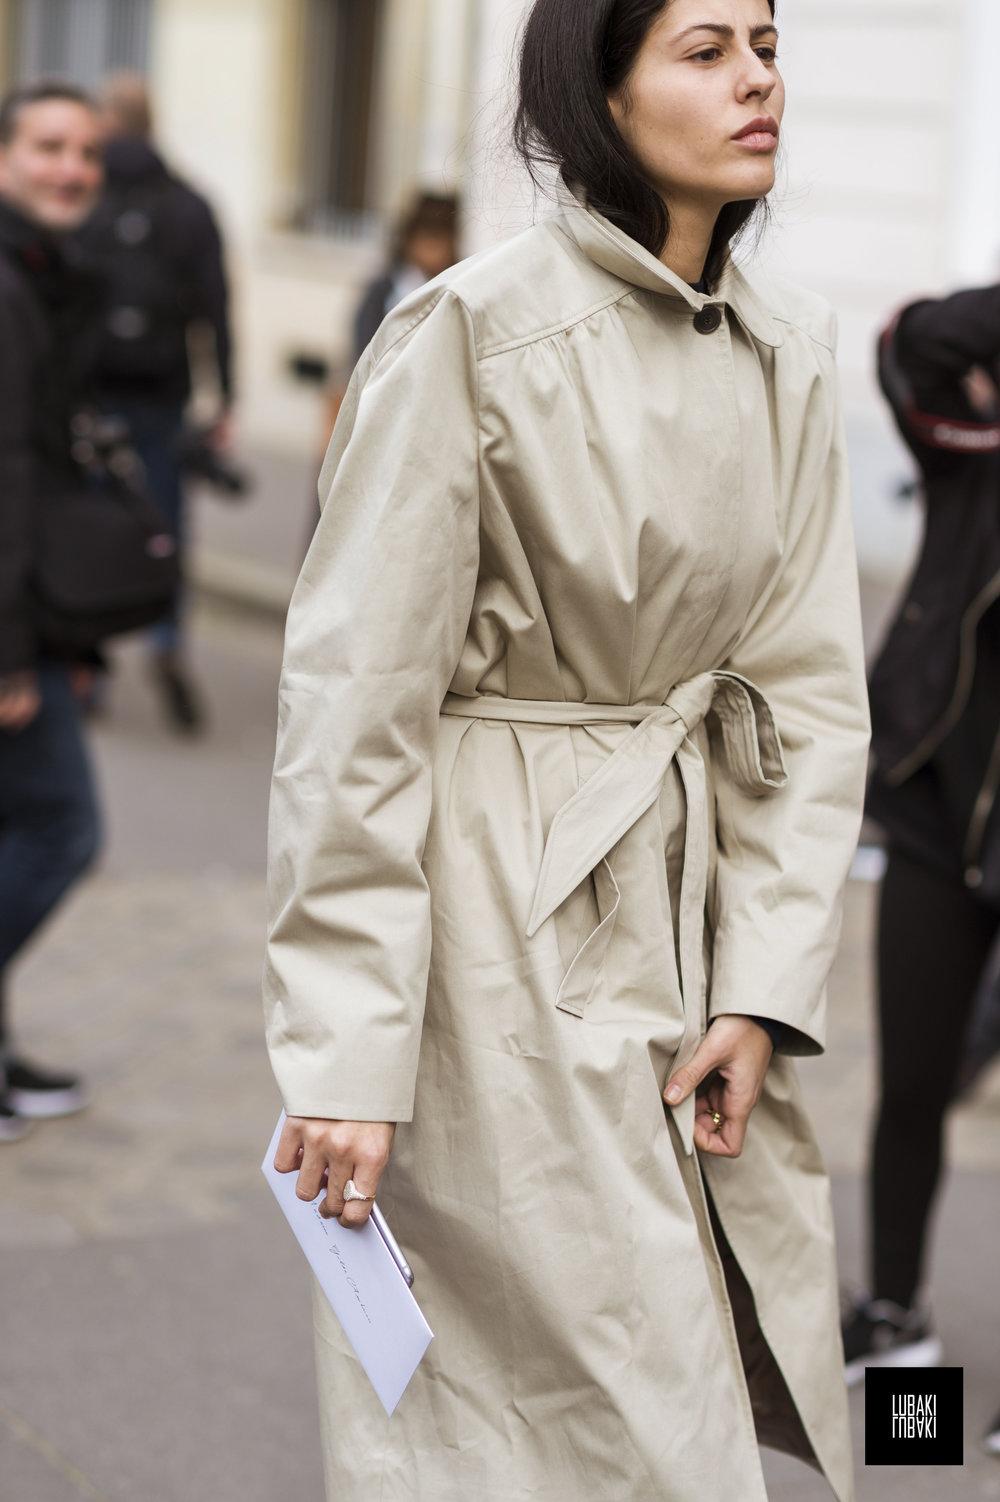 Gilda Ambrosio - Paris